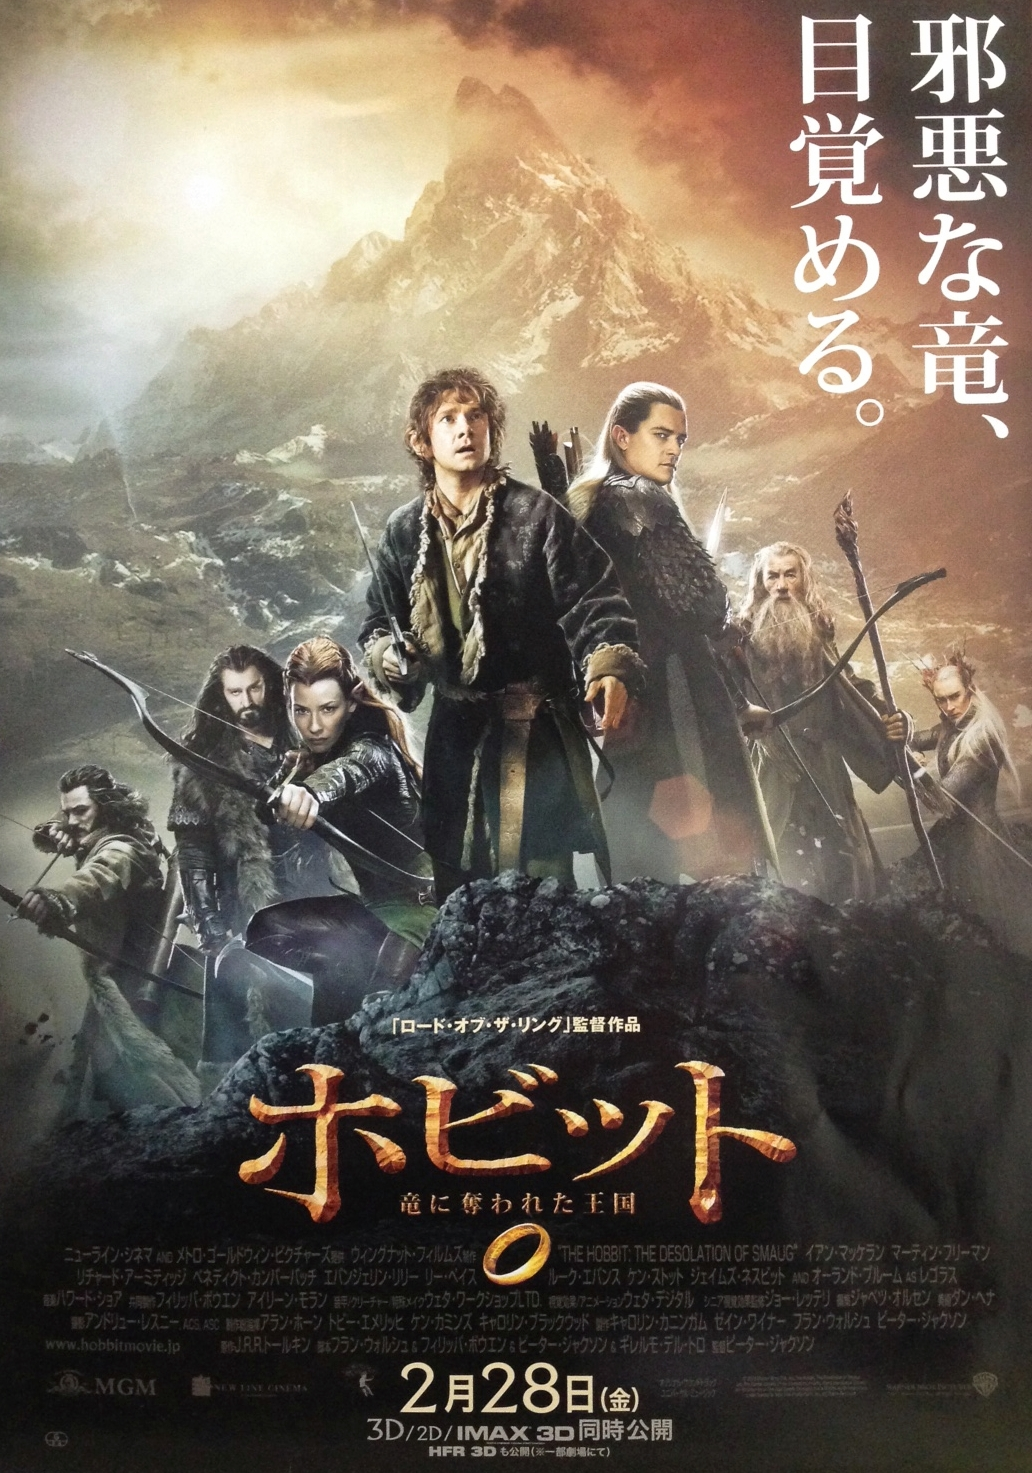 ホビット-竜に奪われた王国